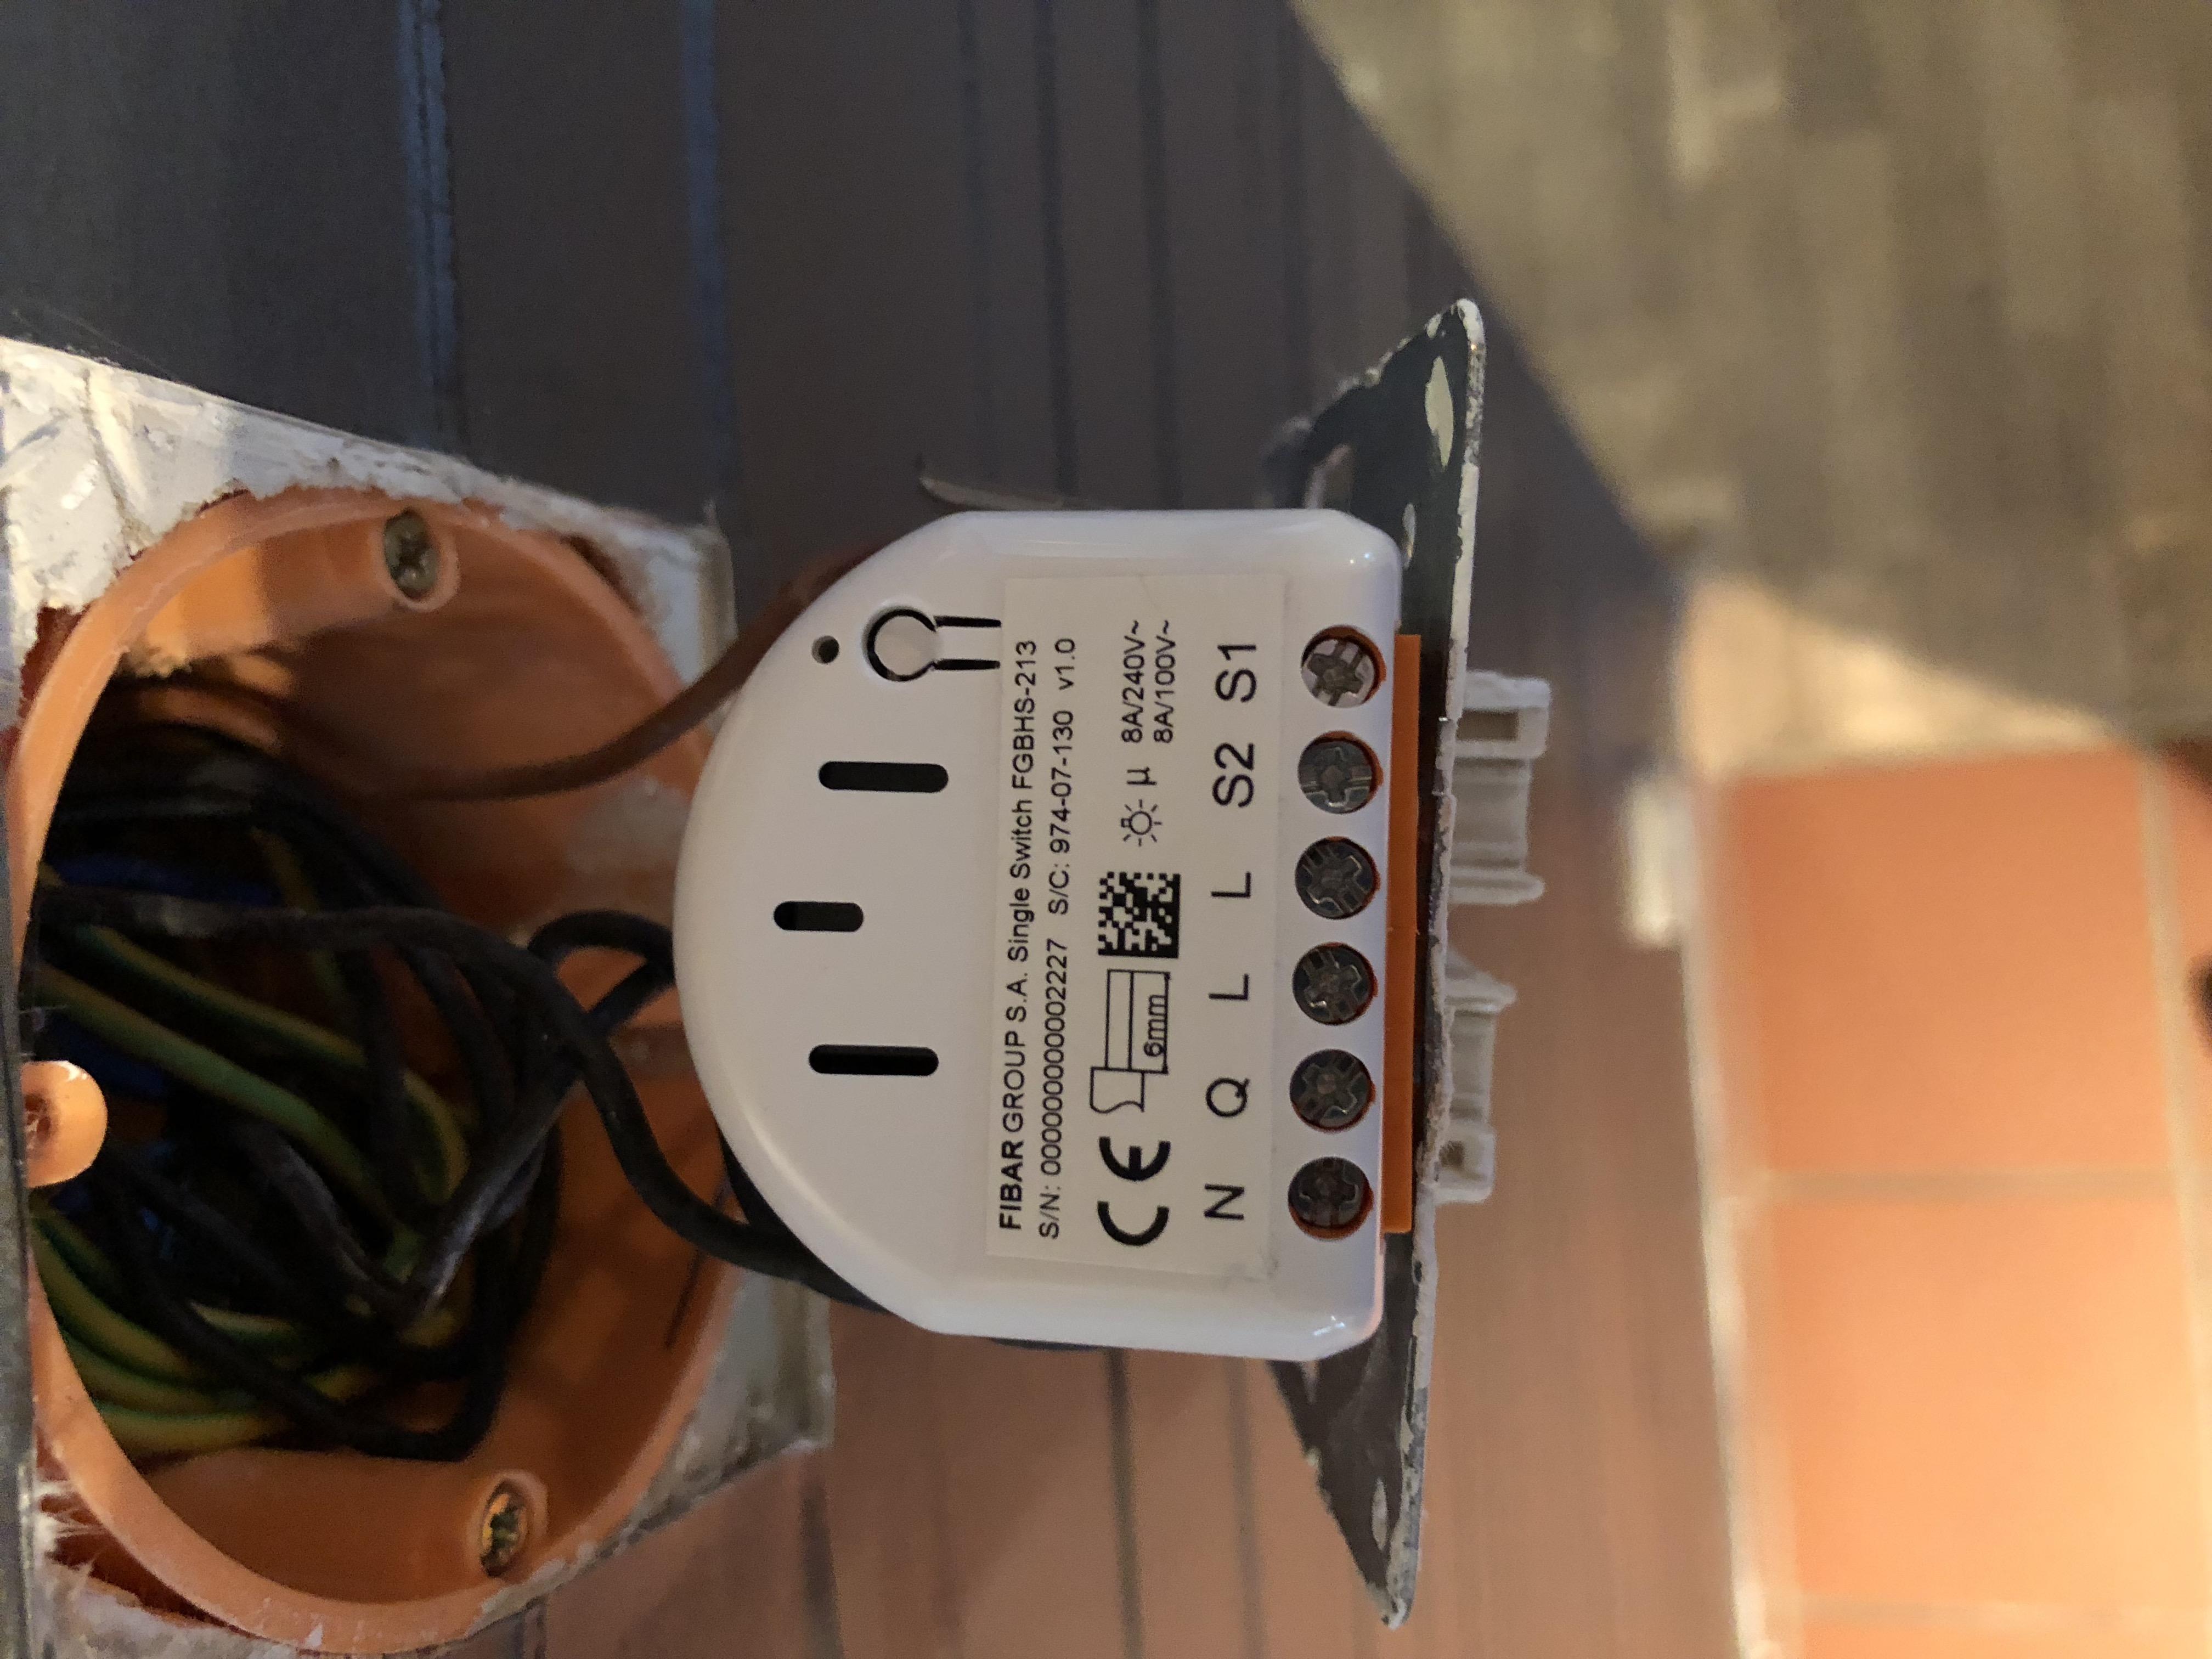 FIBARO Single Switch HK - keine Ahnung wie ich den an die ...